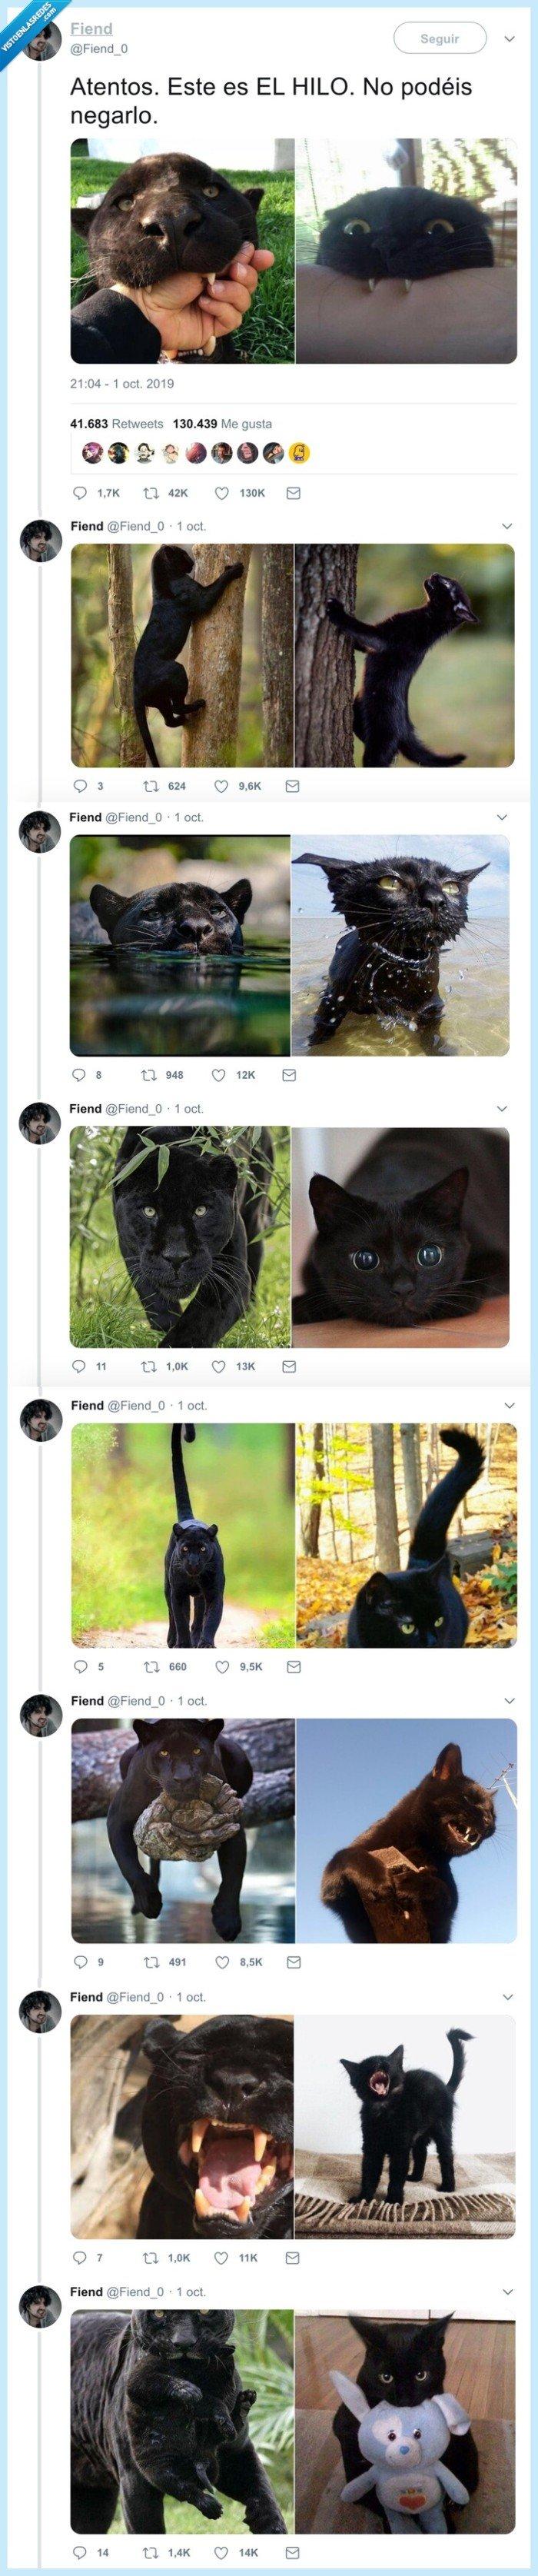 felinos,gato negro,pantera negra